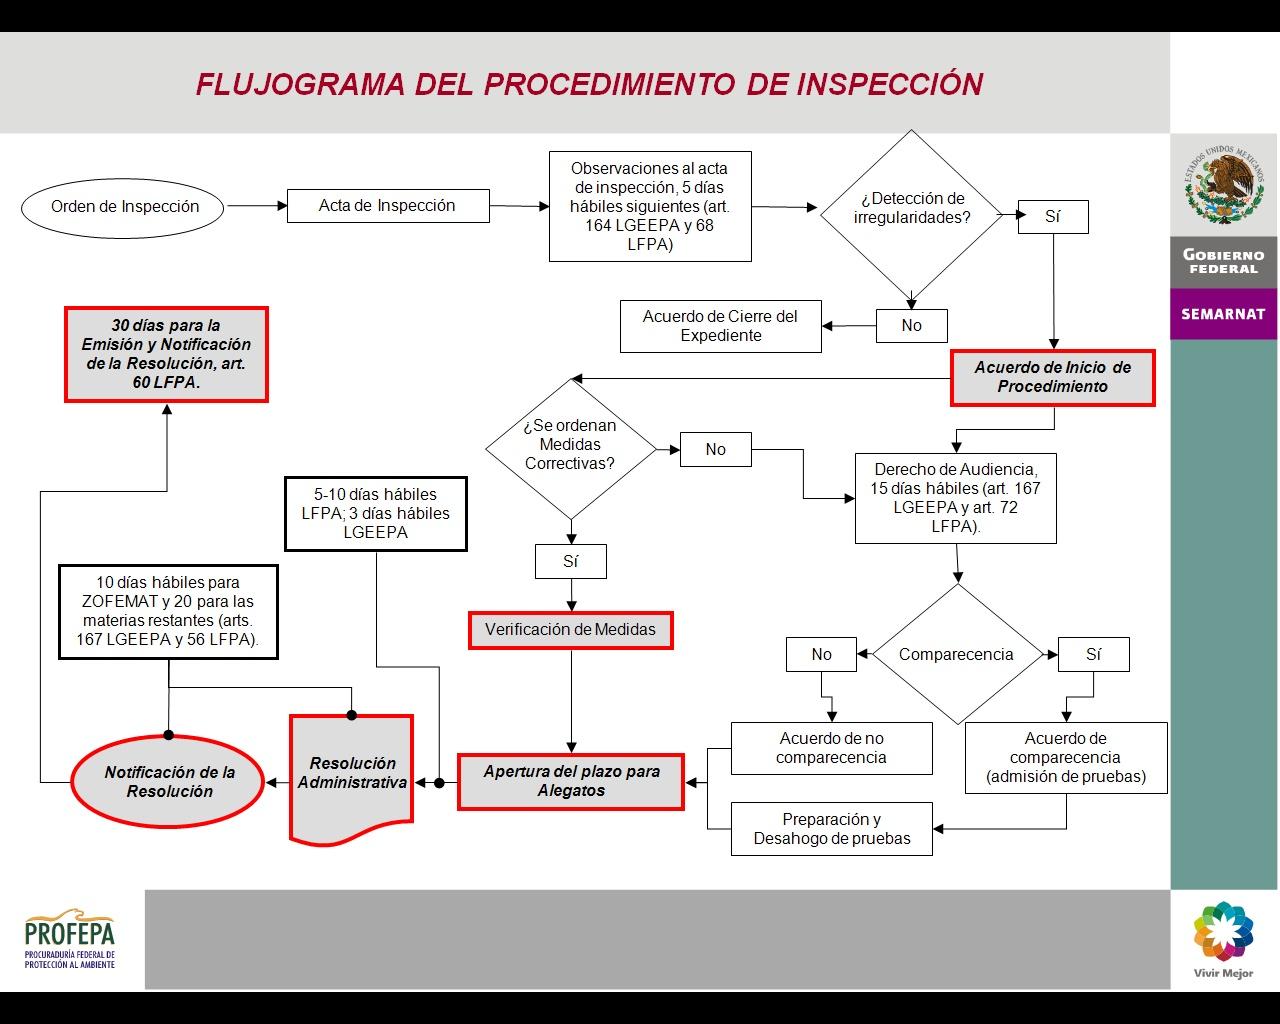 Flujograma del procedimiento administrativo